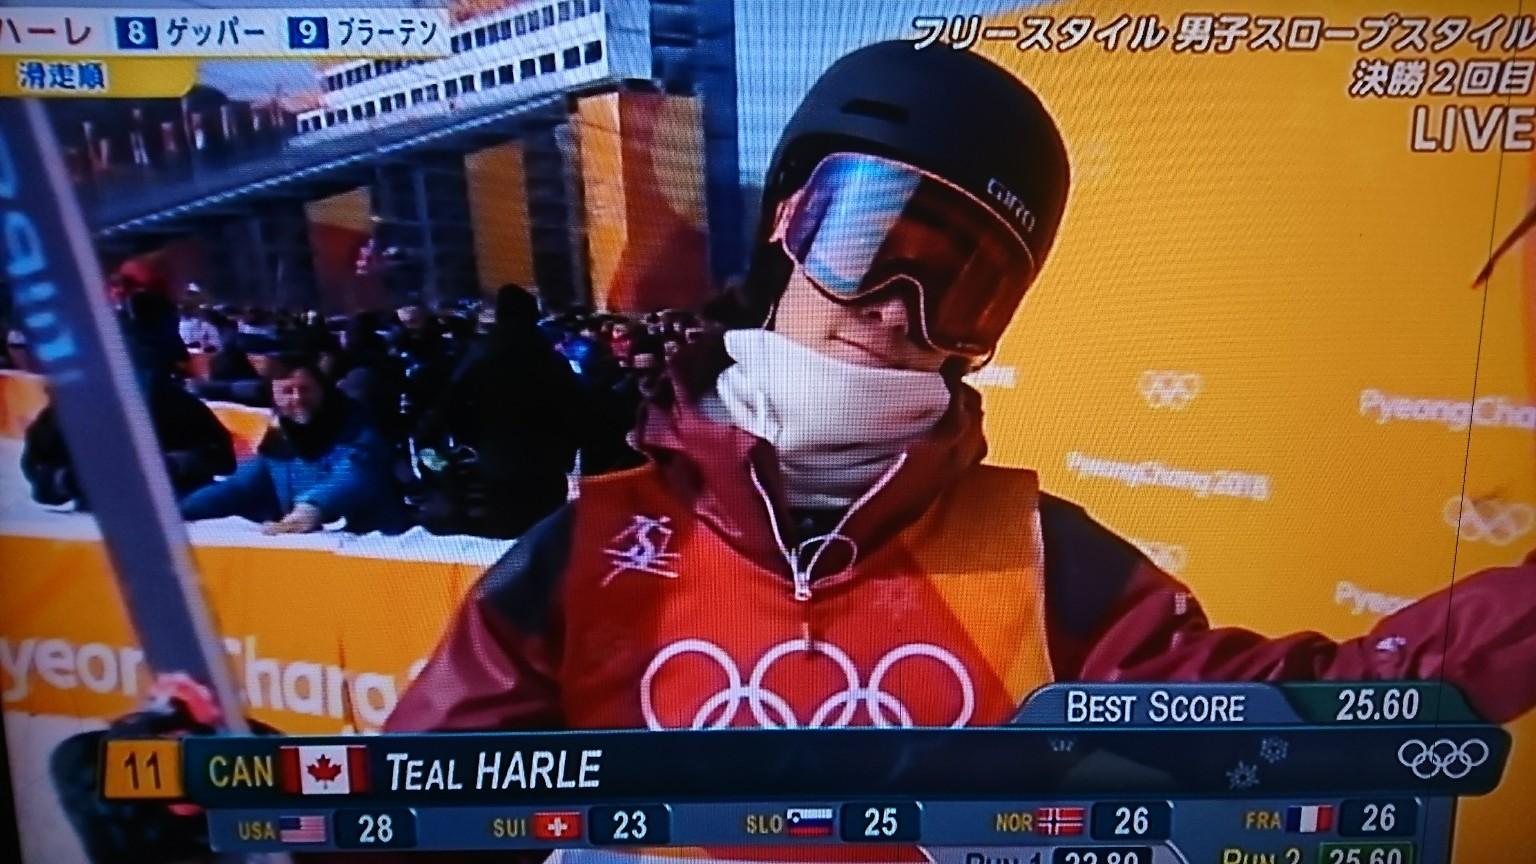 平昌オリンピック フリースタイルスキー男子スロープスタイル決勝2本目の速報!!